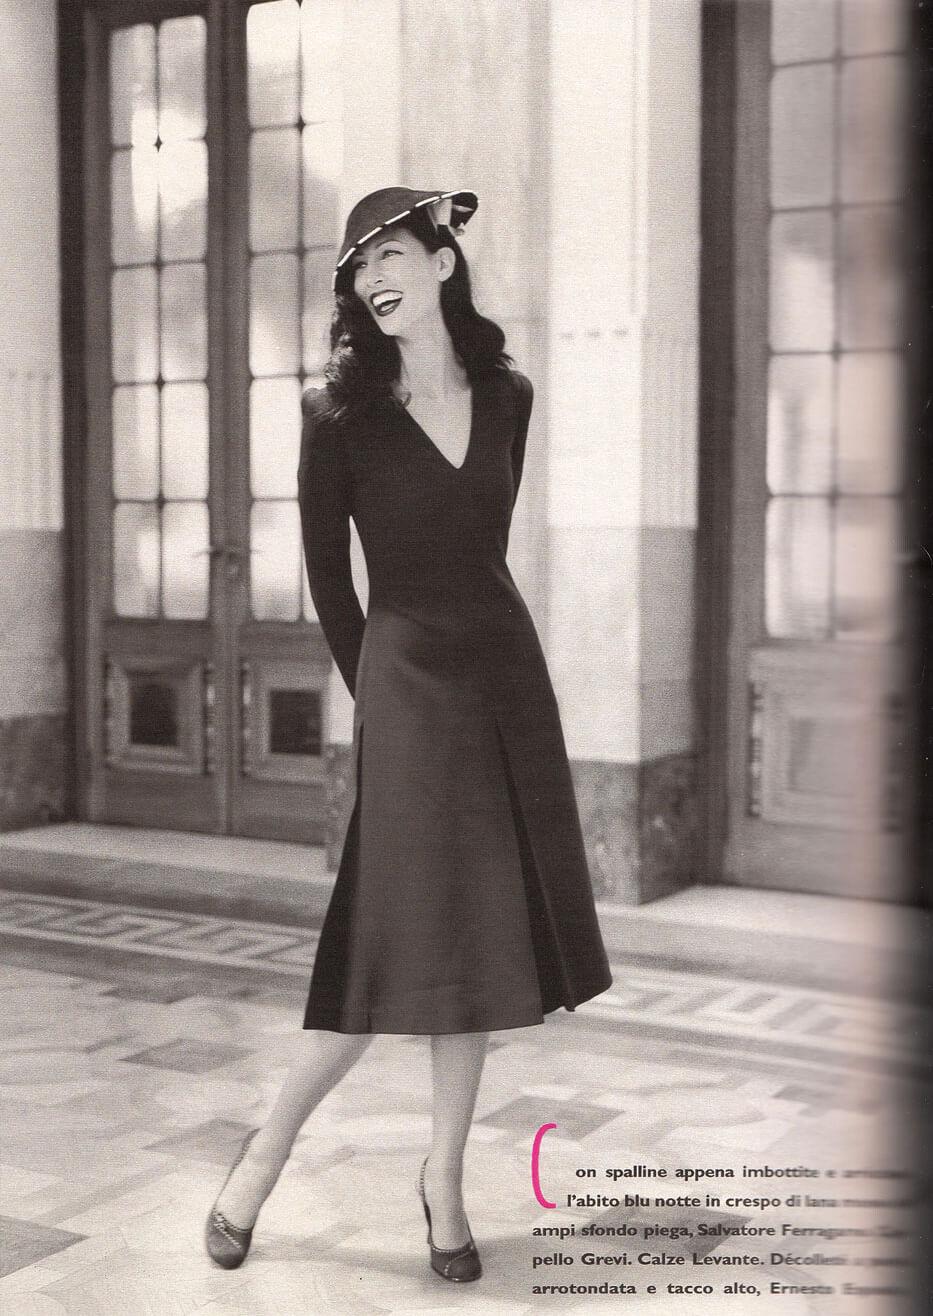 Gioia magazine cappello Grevi abito Salvatore Ferragamo ottobre 2000